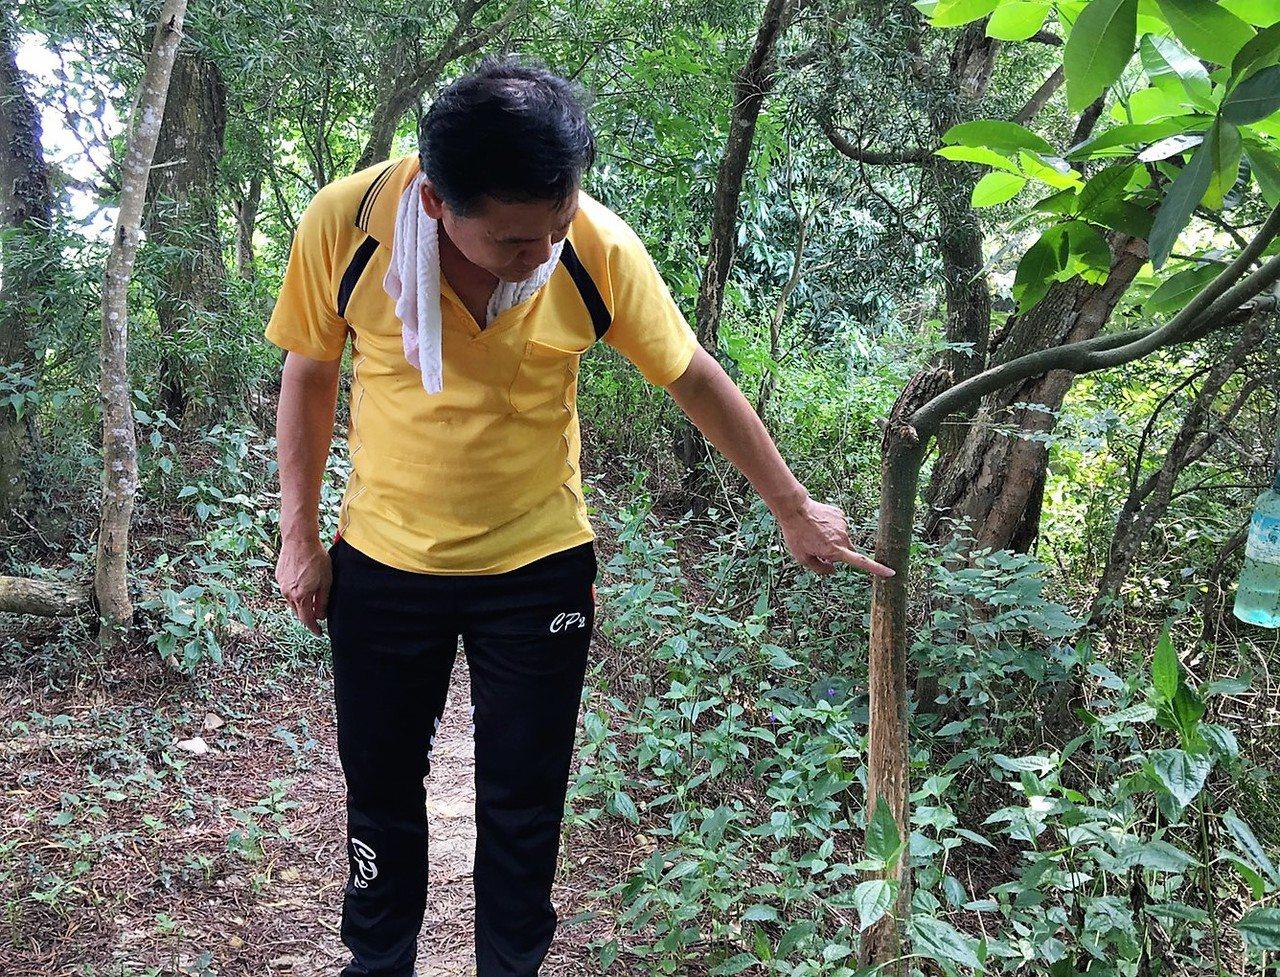 山友發現清水岩寺後方步道樹幹上出現被水鹿摩擦過的痕跡。 圖/民眾提供